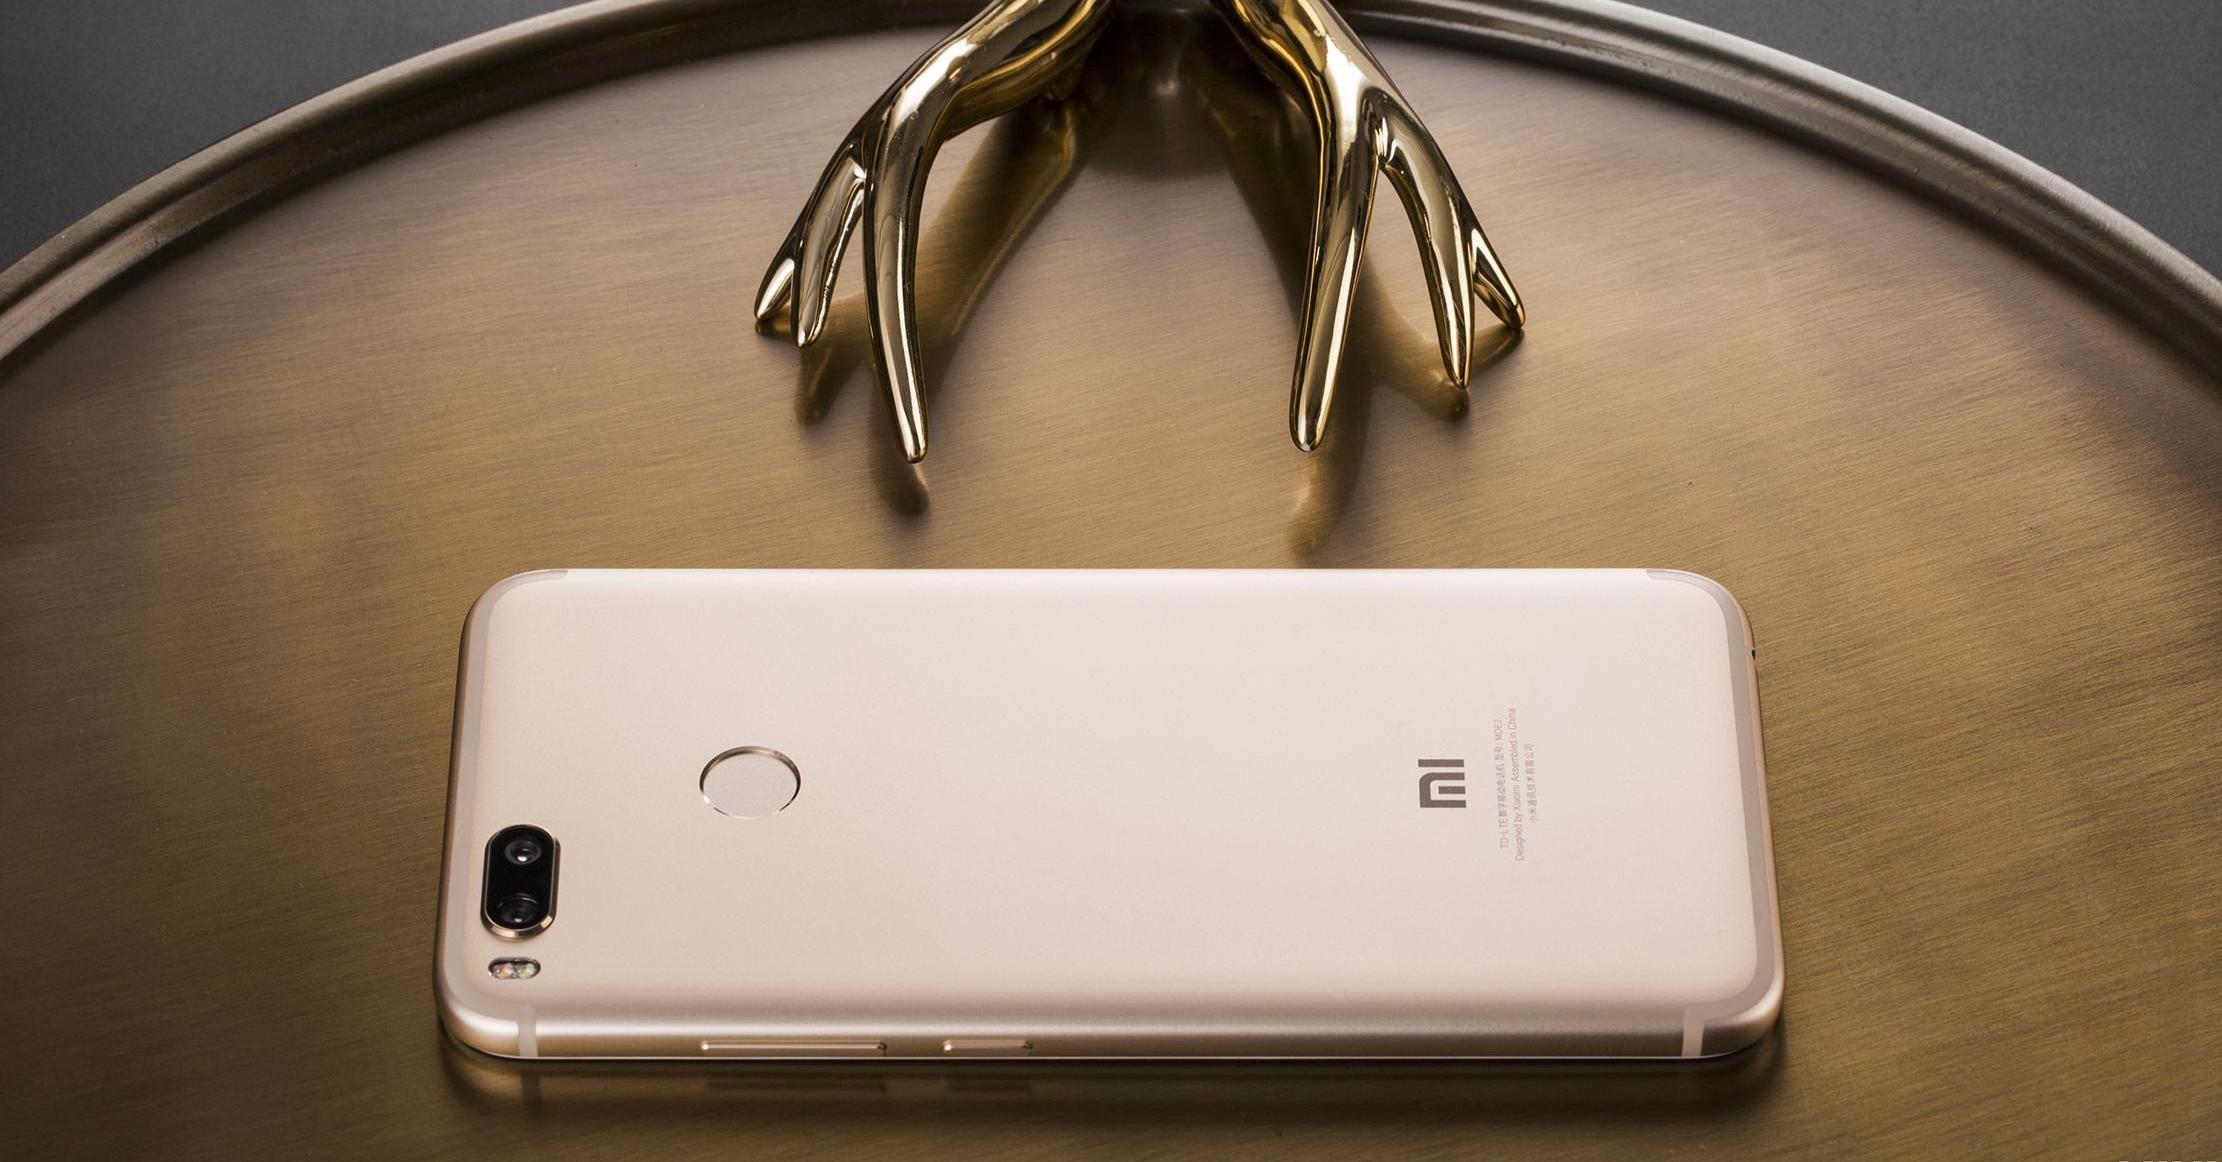 Xiaomi MI 5X, en una oferta imperdible por solo $230 gracias a Geekbuying